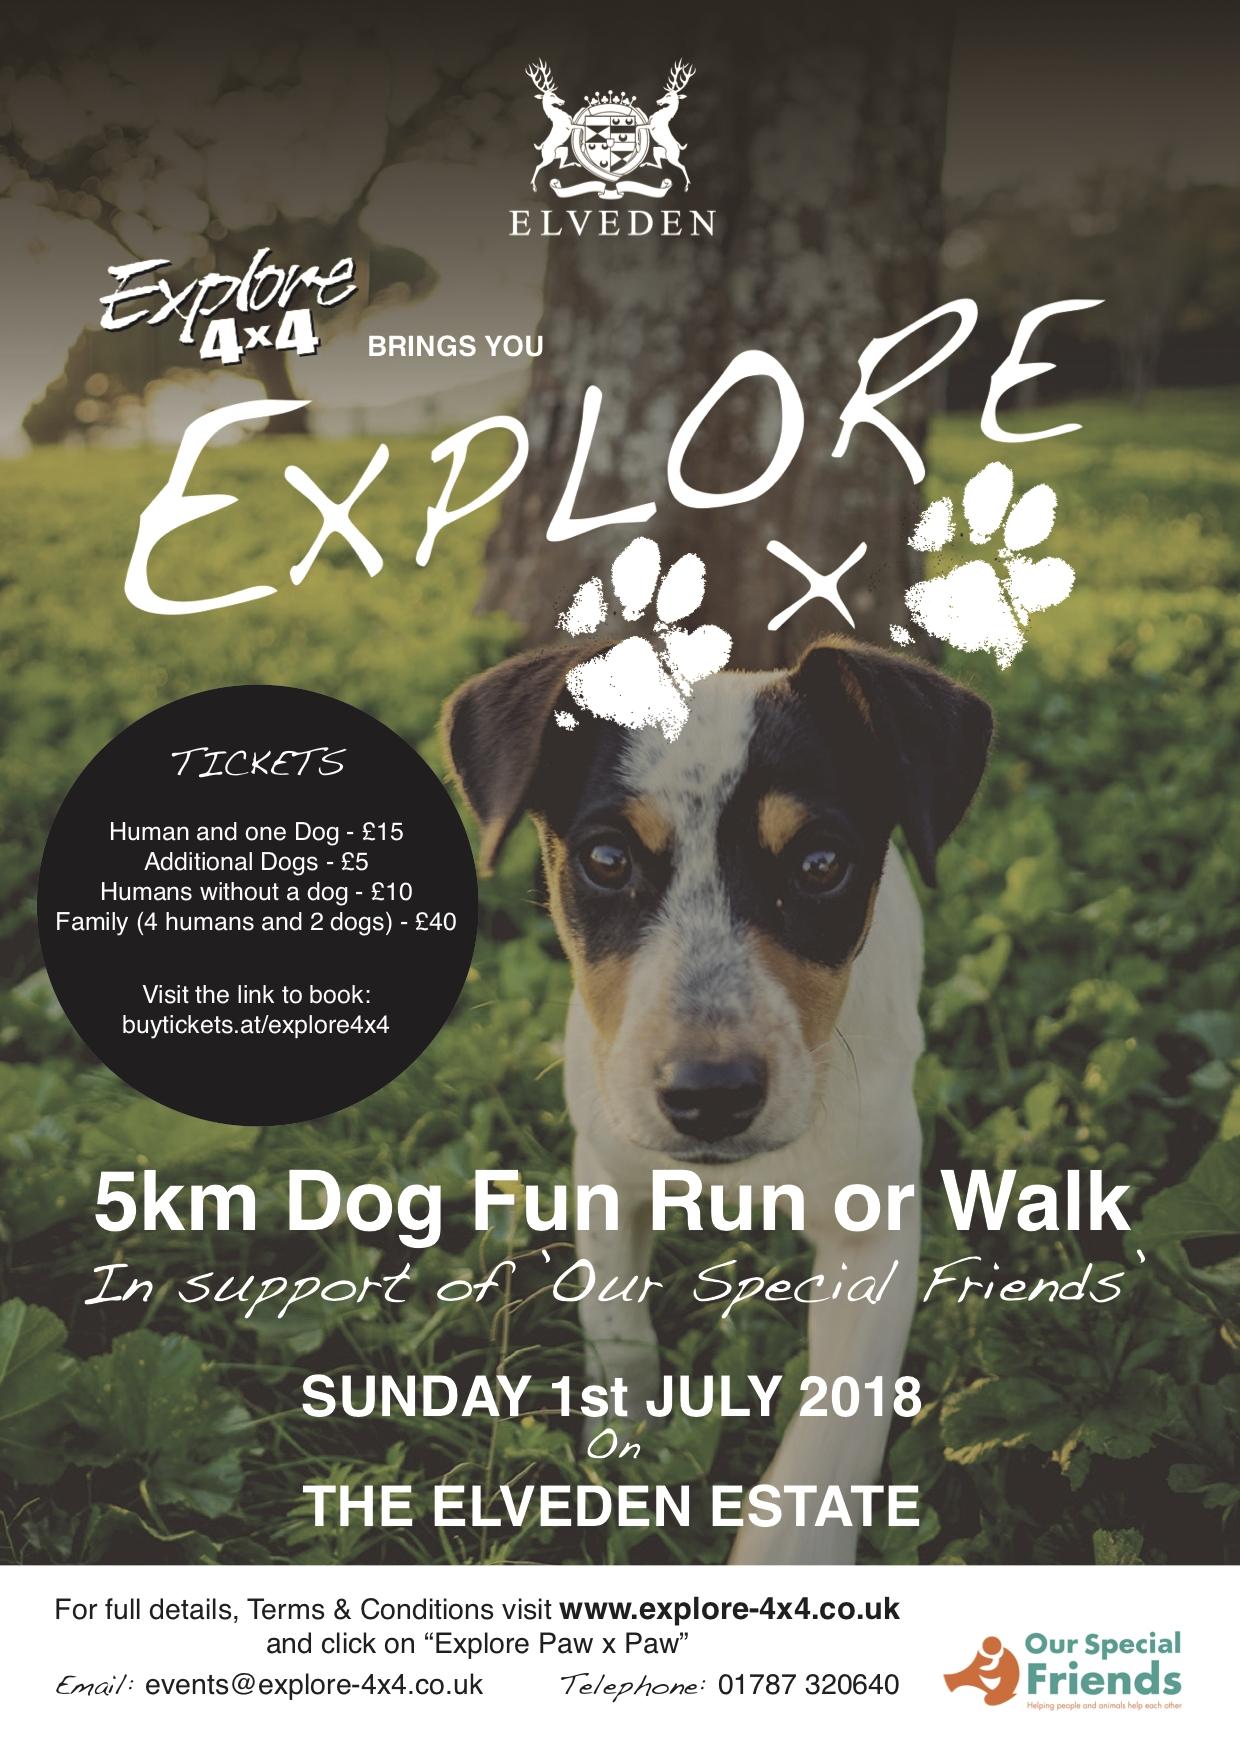 Explore Paw x Paw - 5km Dog Fun Run or Walk